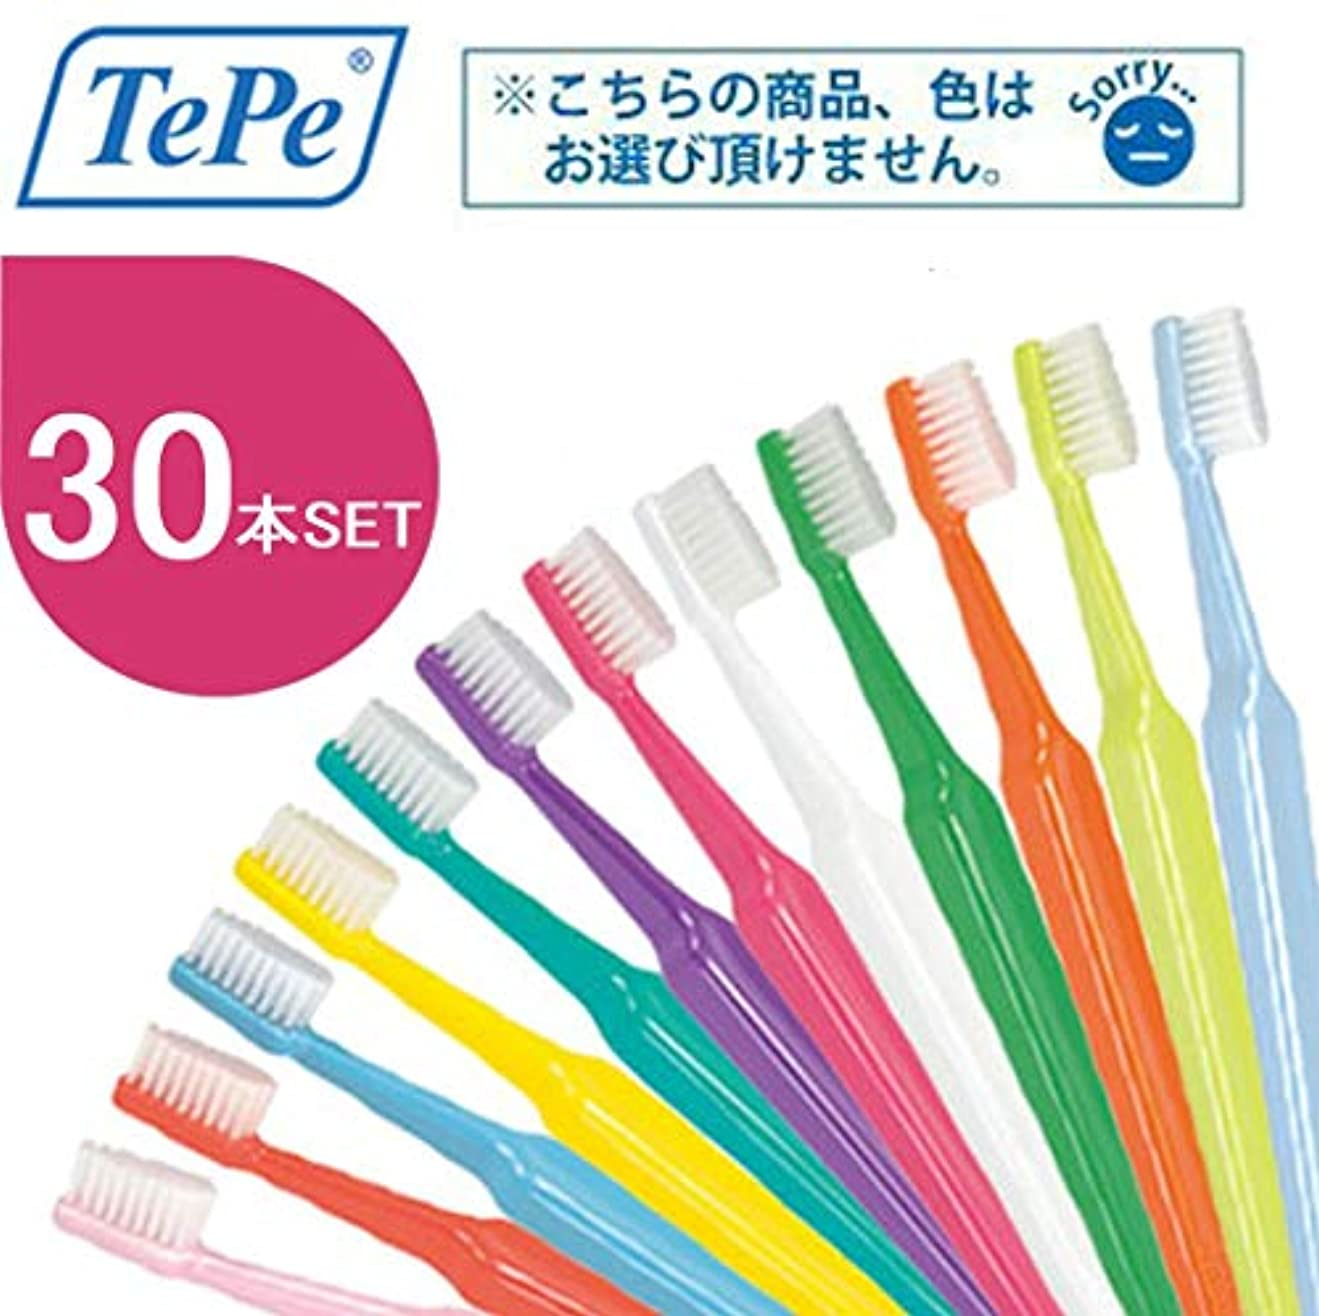 オセアニア治すボードクロスフィールド TePe テペ セレクト 歯ブラシ 30本 (エクストラソフト)